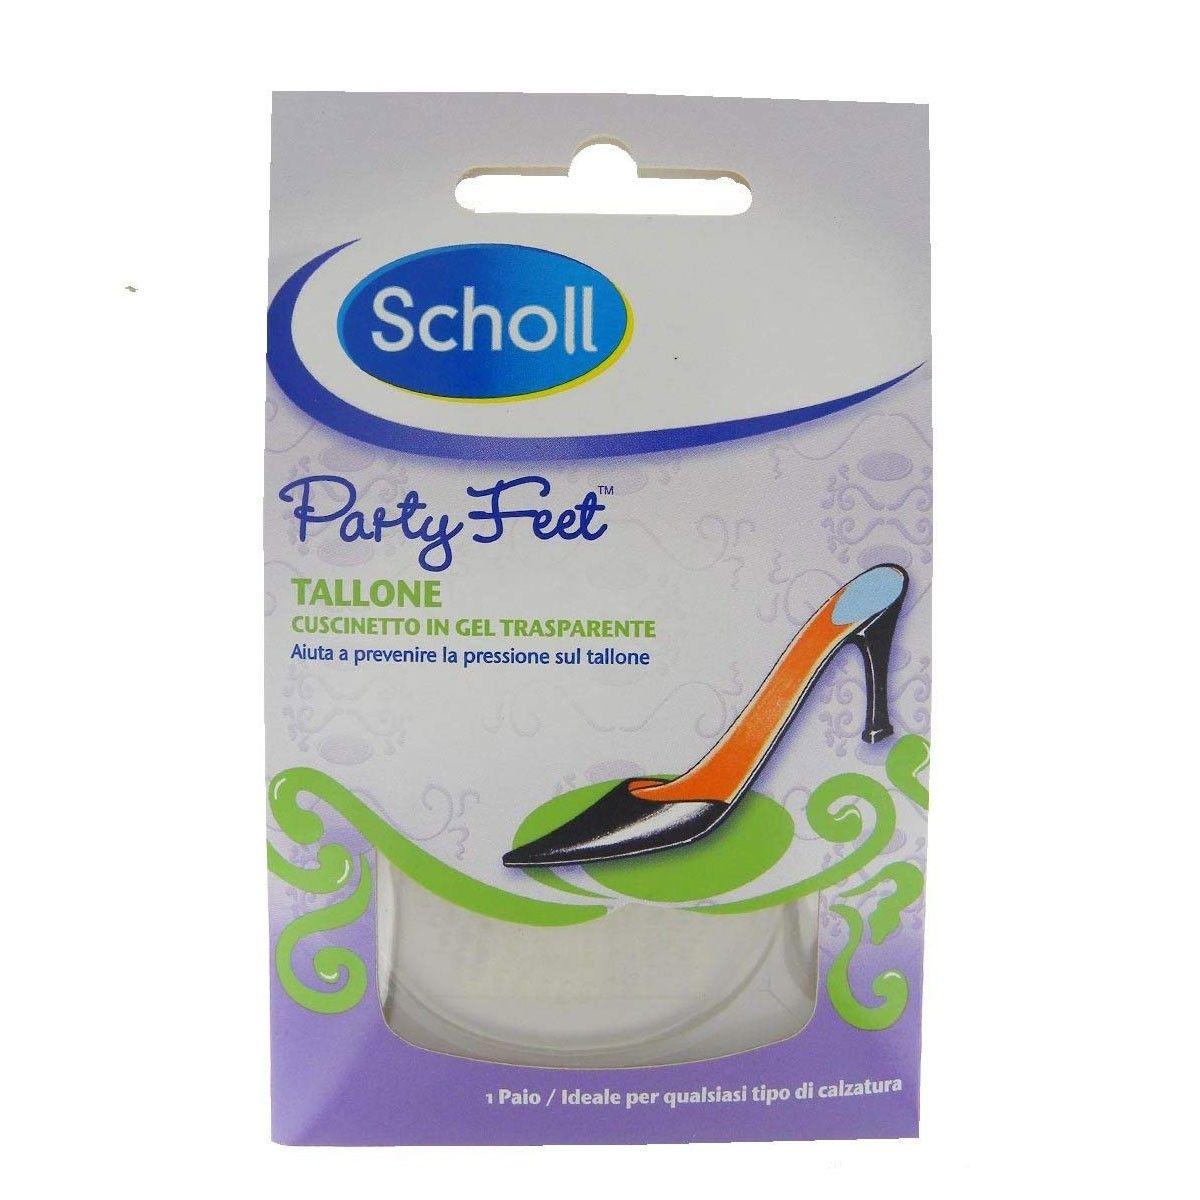 Scholl Party Feet Gel Heel Cushions - 1 Pair - 85p @ Robert Dyas